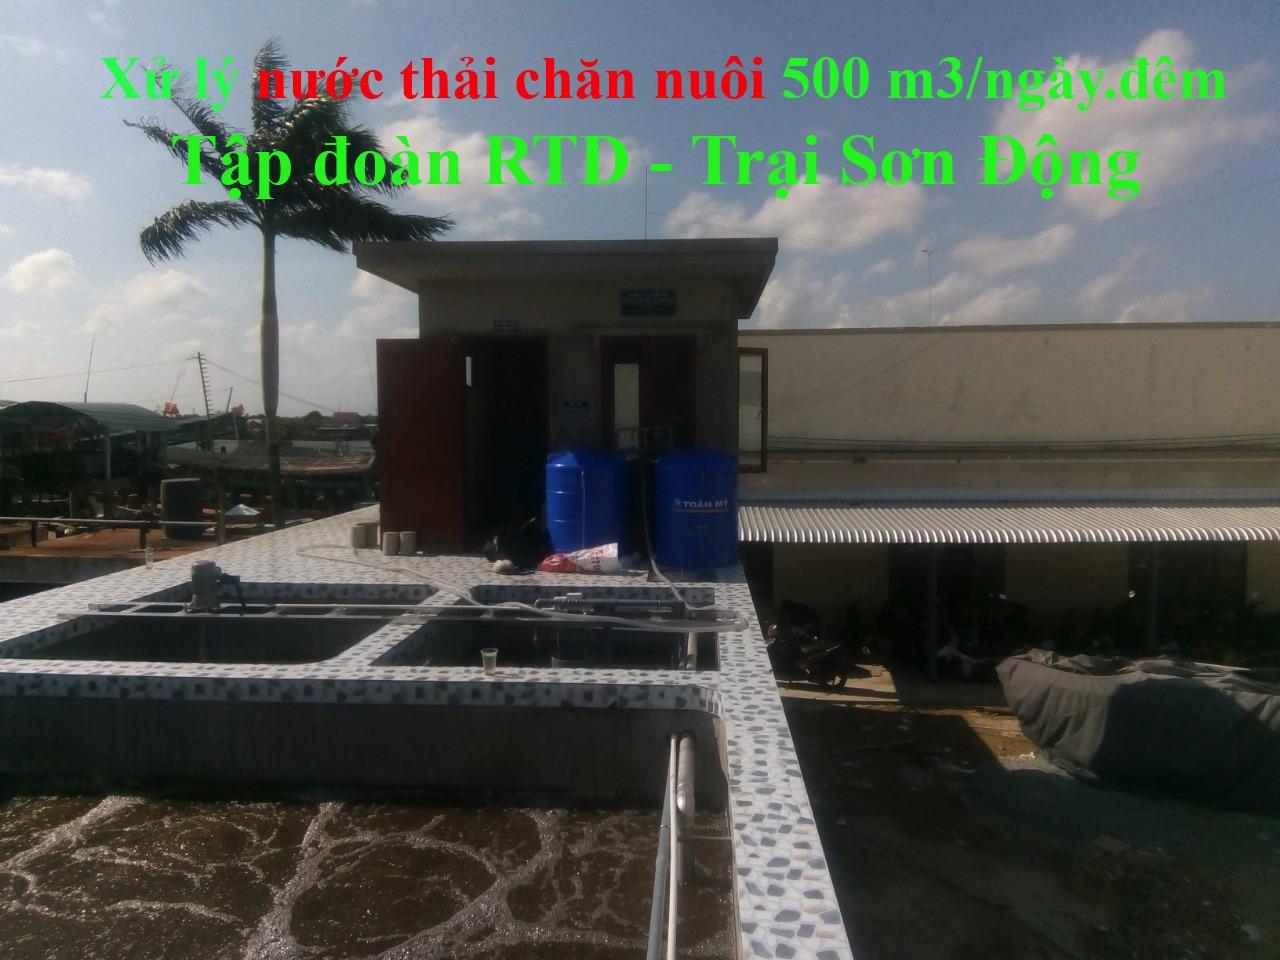 Xử lý nước thải chăn nuôi trại sơn động 500 m3